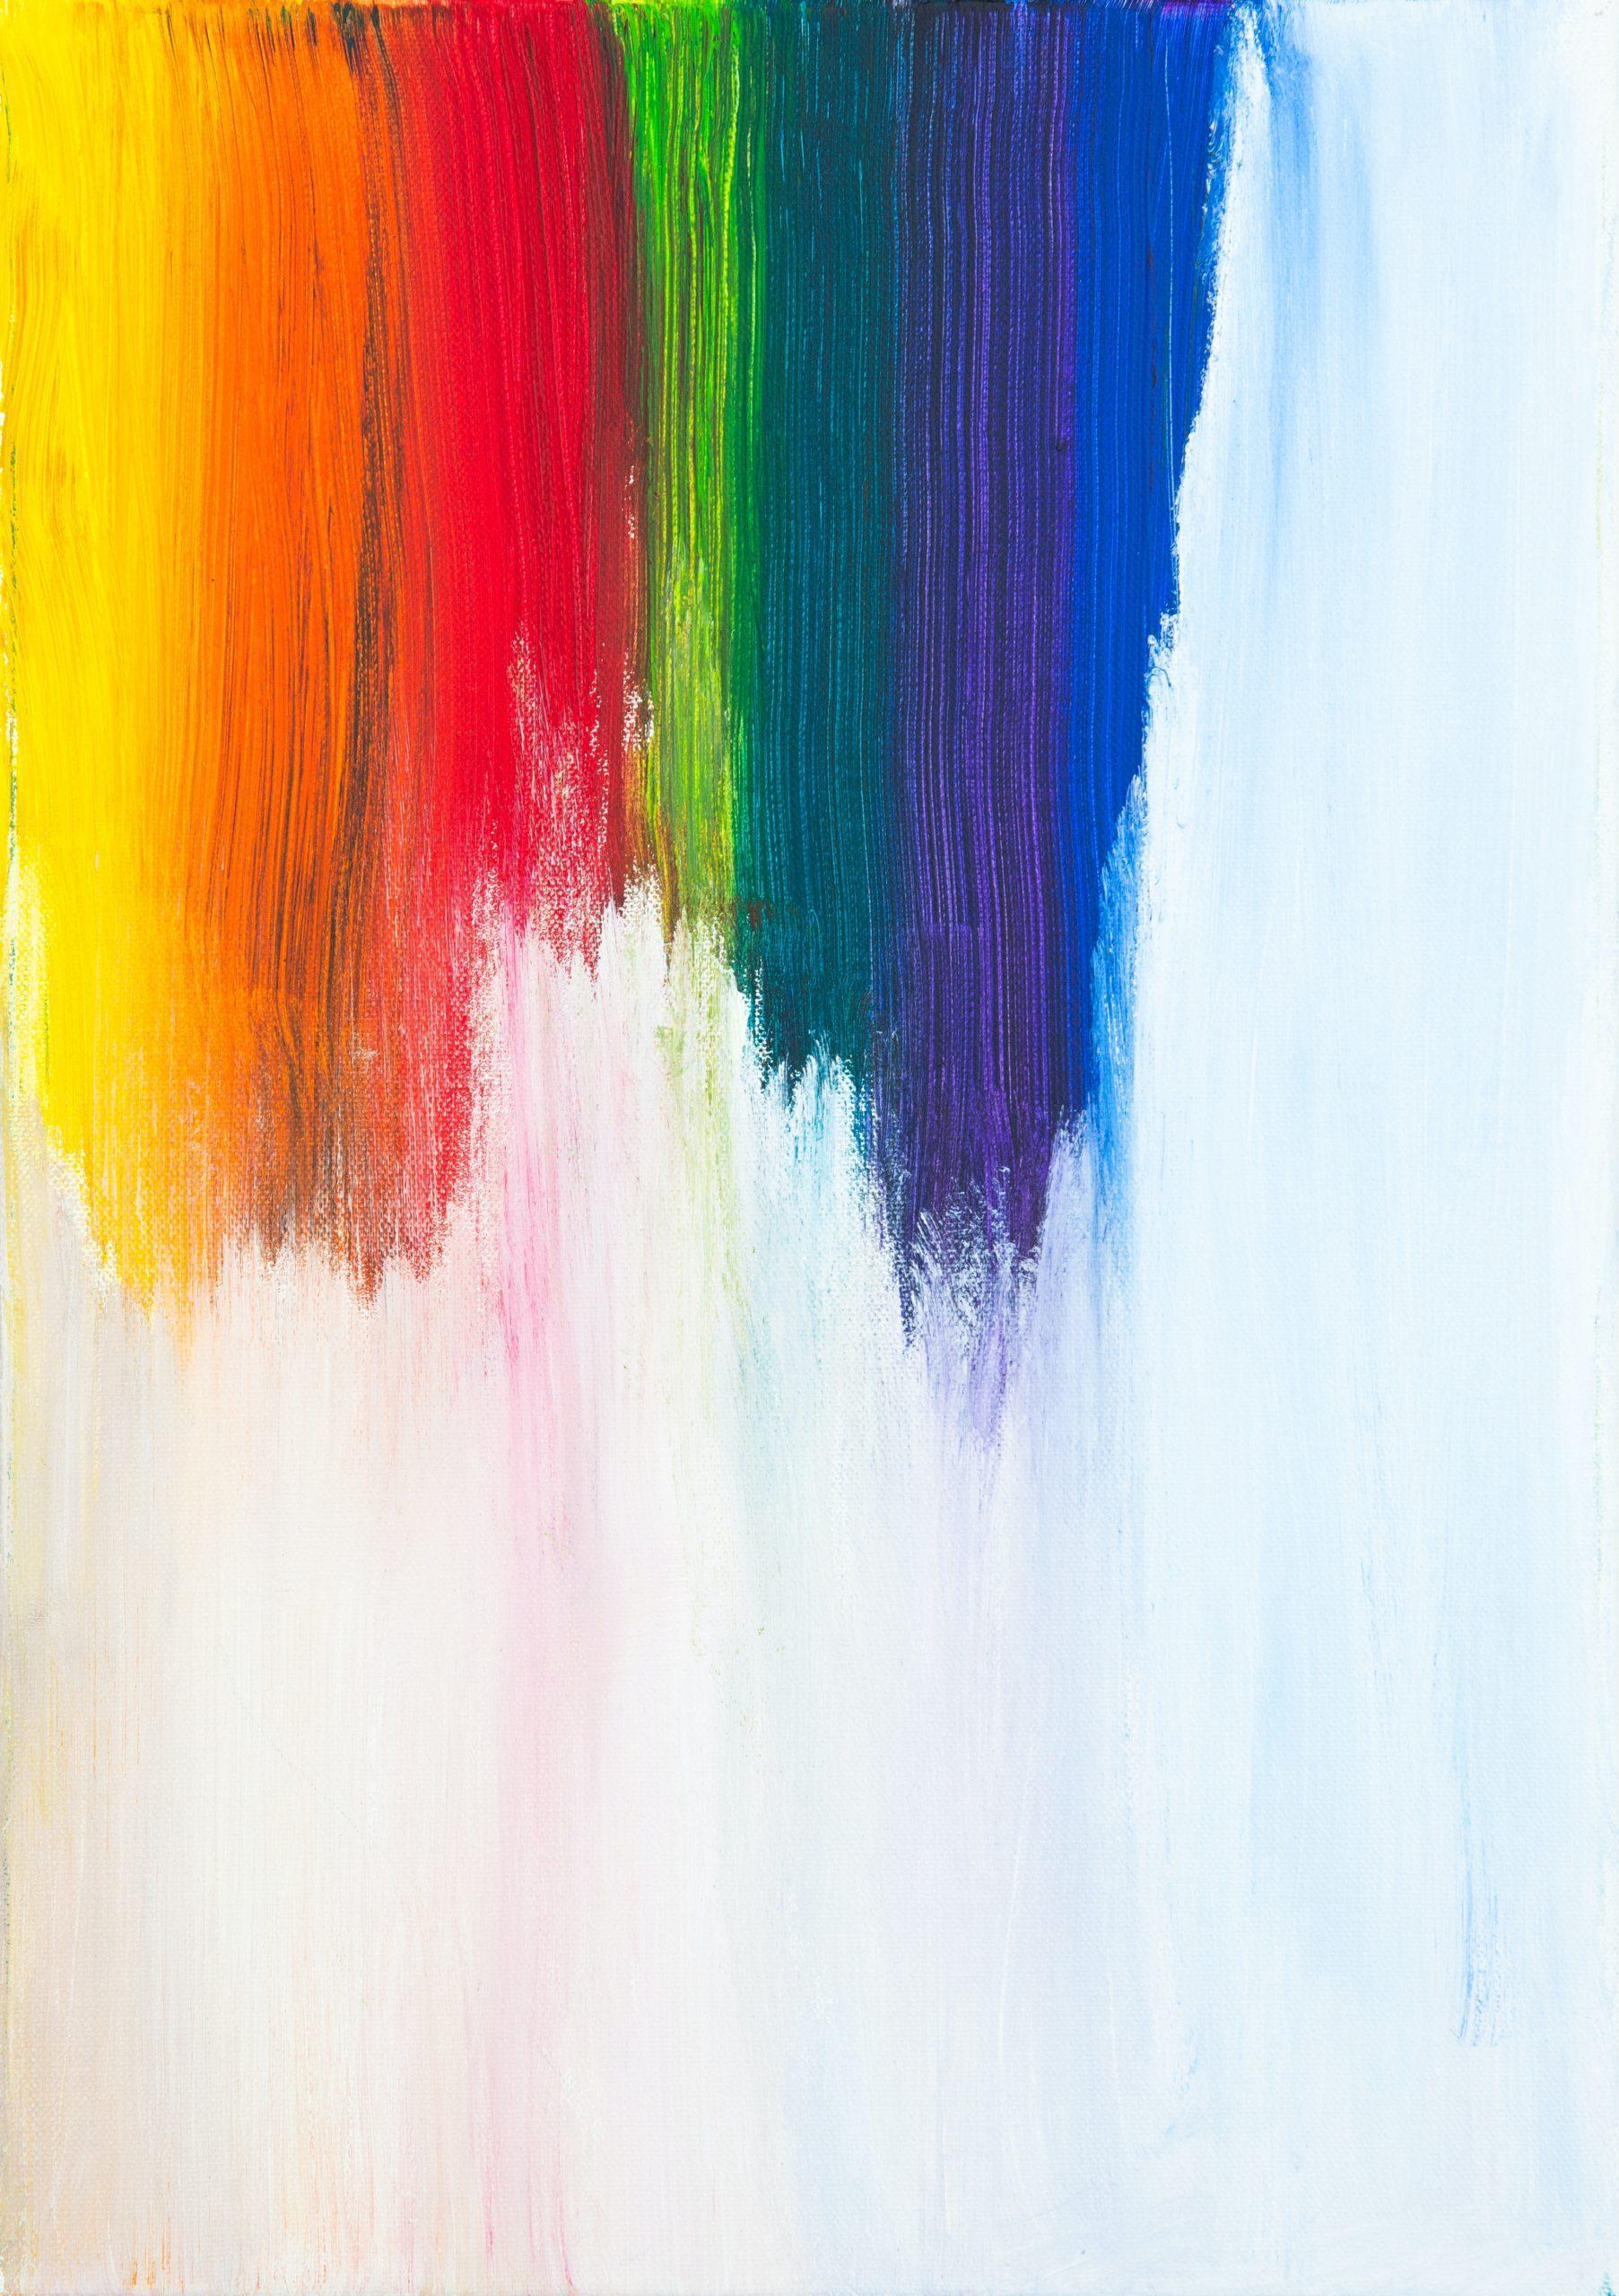 Pared blanca pintada con colores